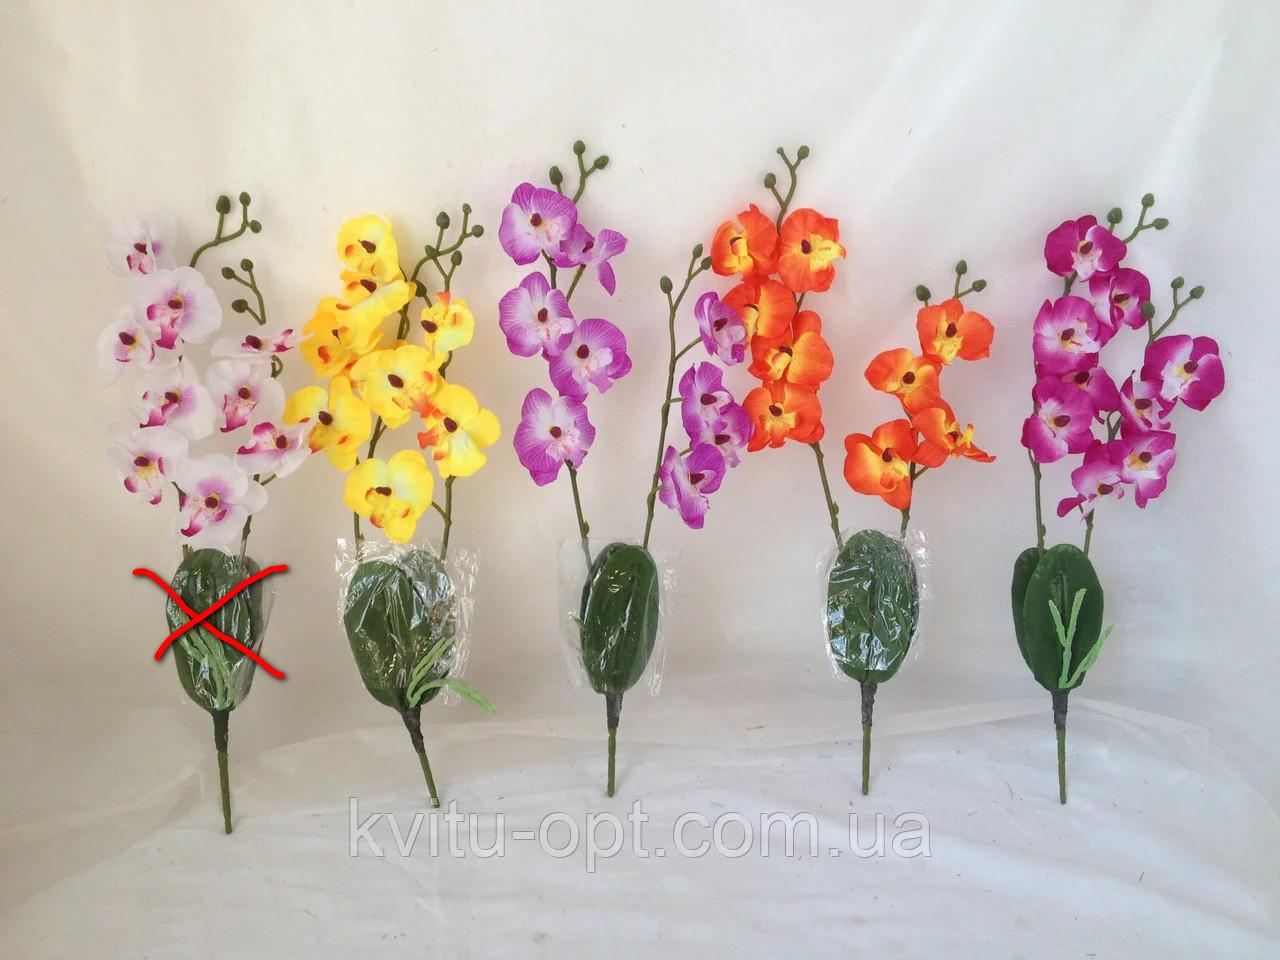 Орхидея  фаленопсис двойная средняя с латексным листьями и корнем 40 см